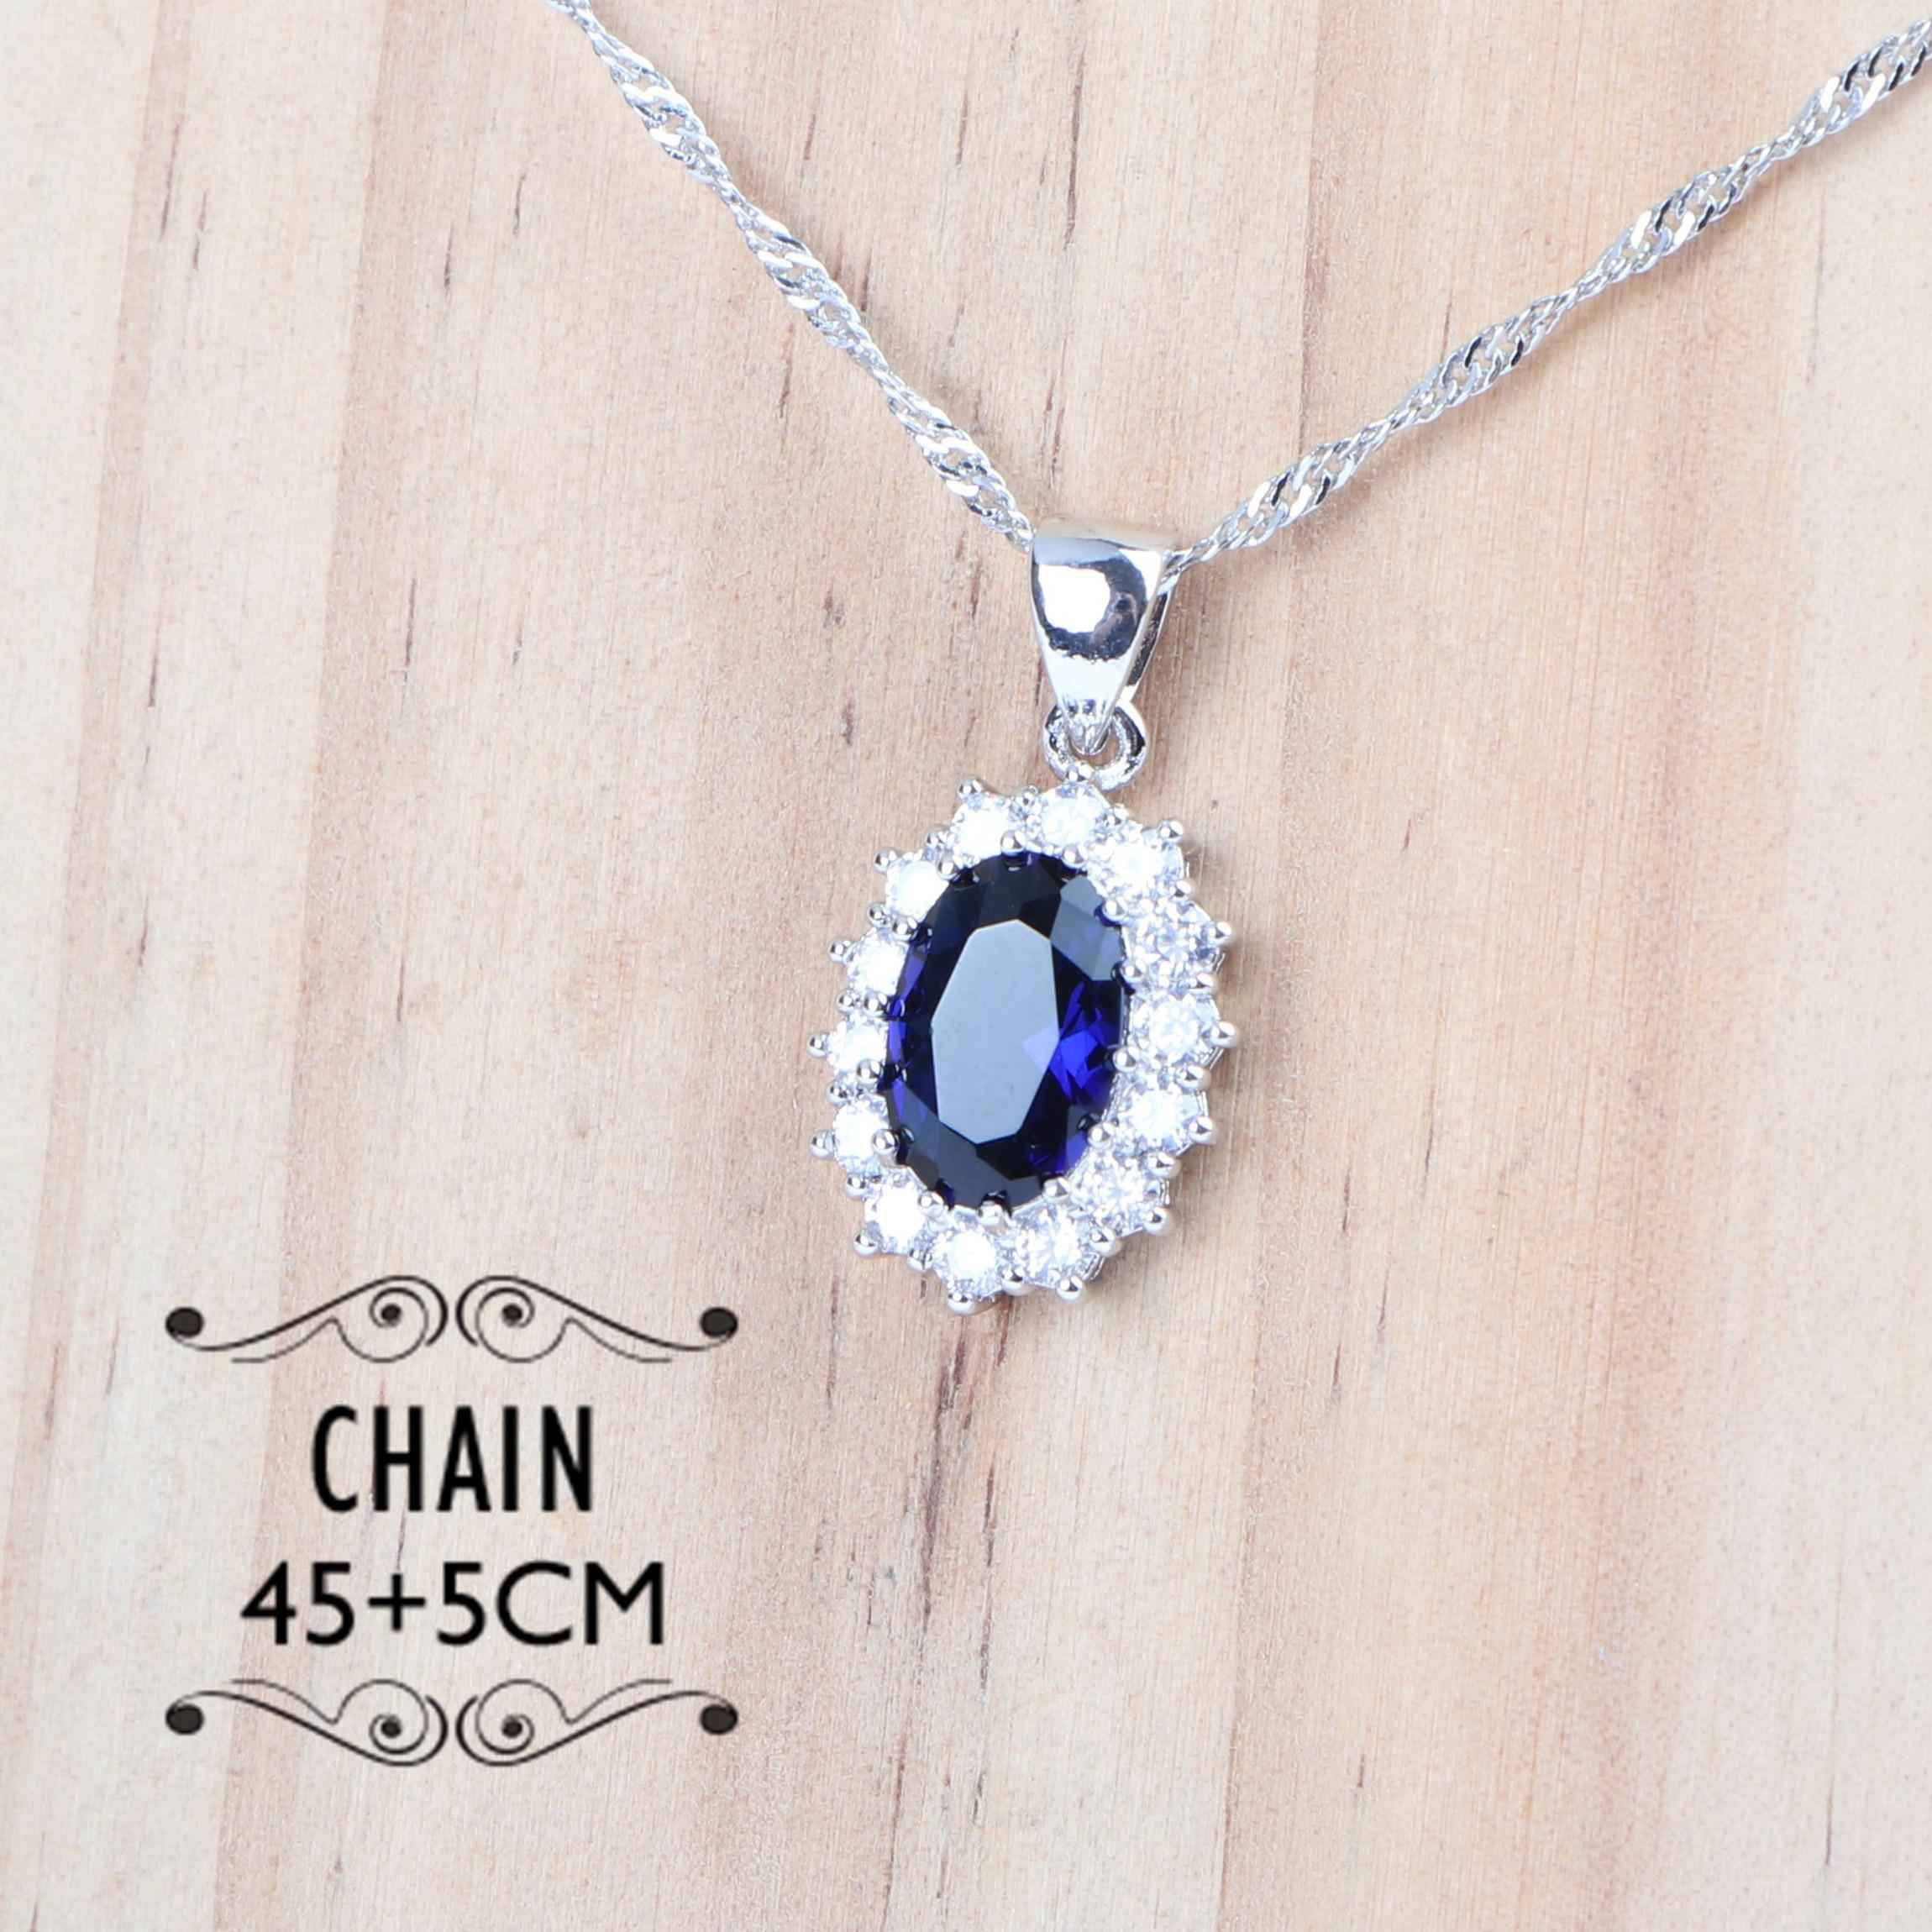 Wedding Necklace Jewelry Sets Bridal Zirconia Jewellery Silver 925 Rings Women Costume Bracelets/Earrings/Pendant Set Blue Stone